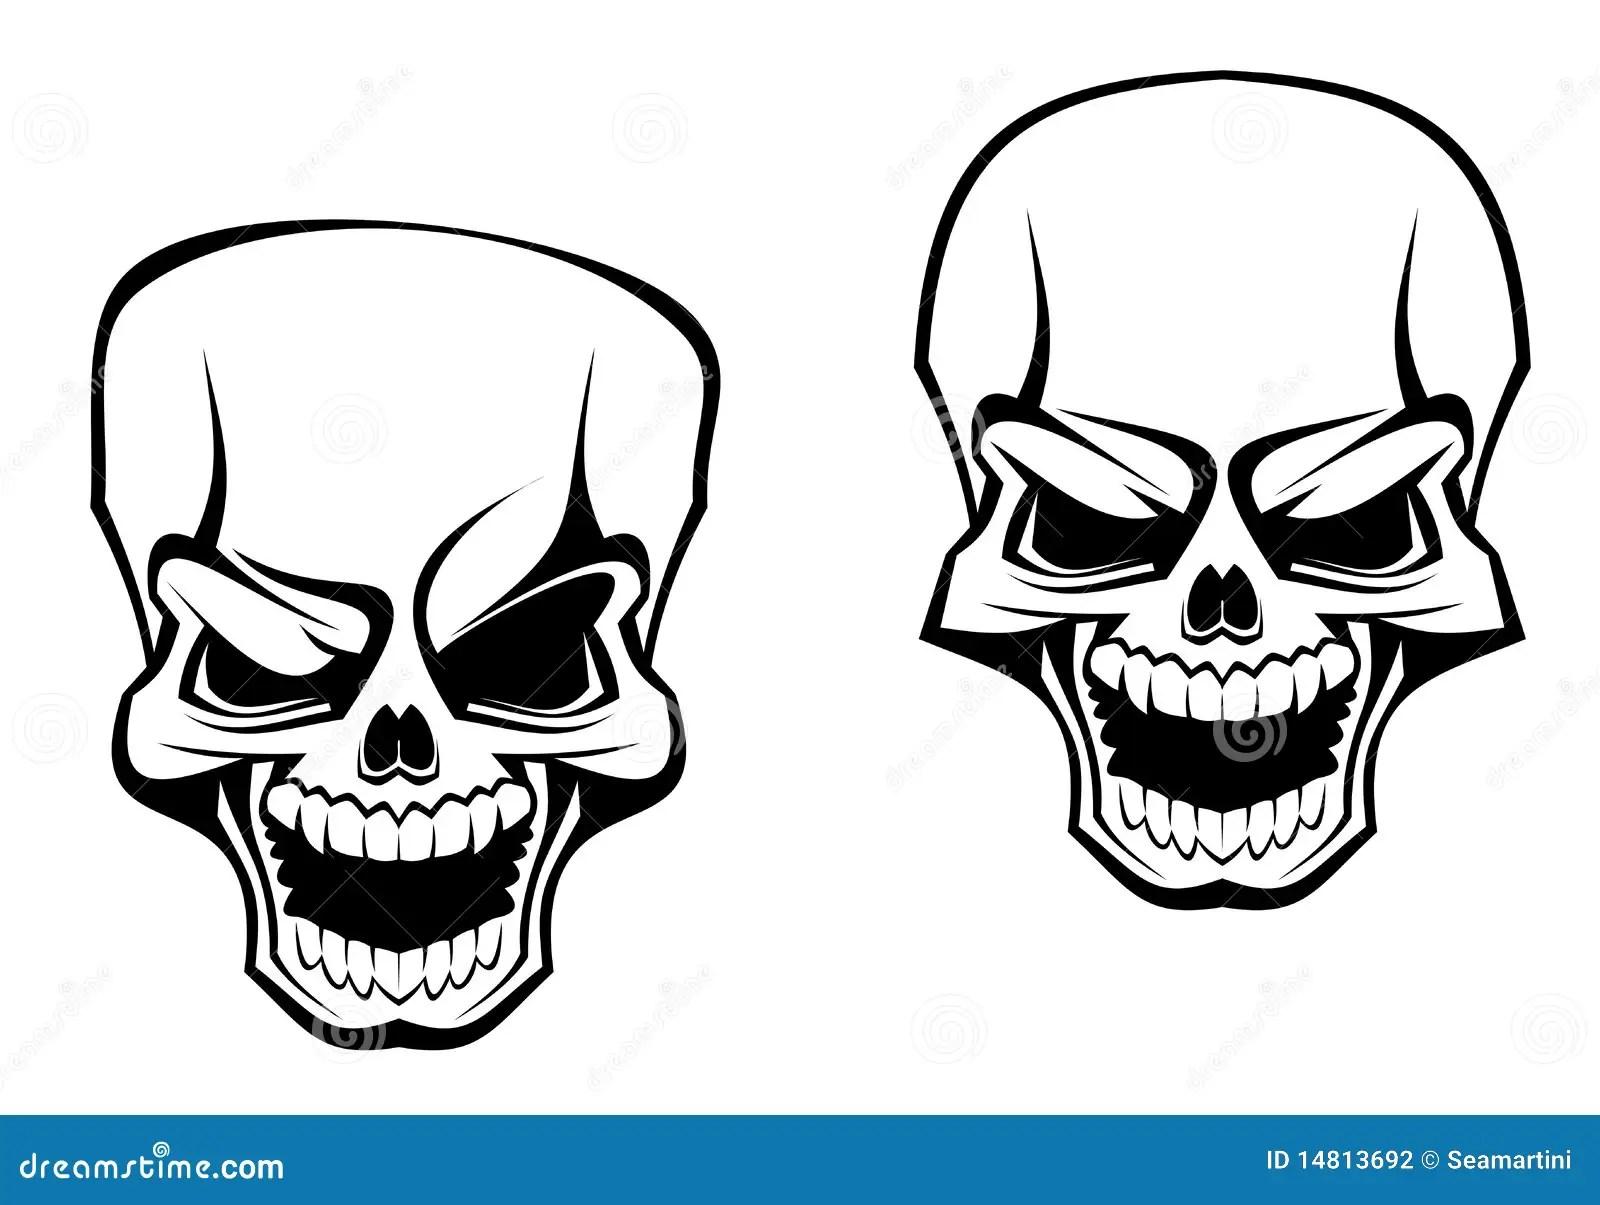 Danger skull stock vector. Illustration of bone, halloween